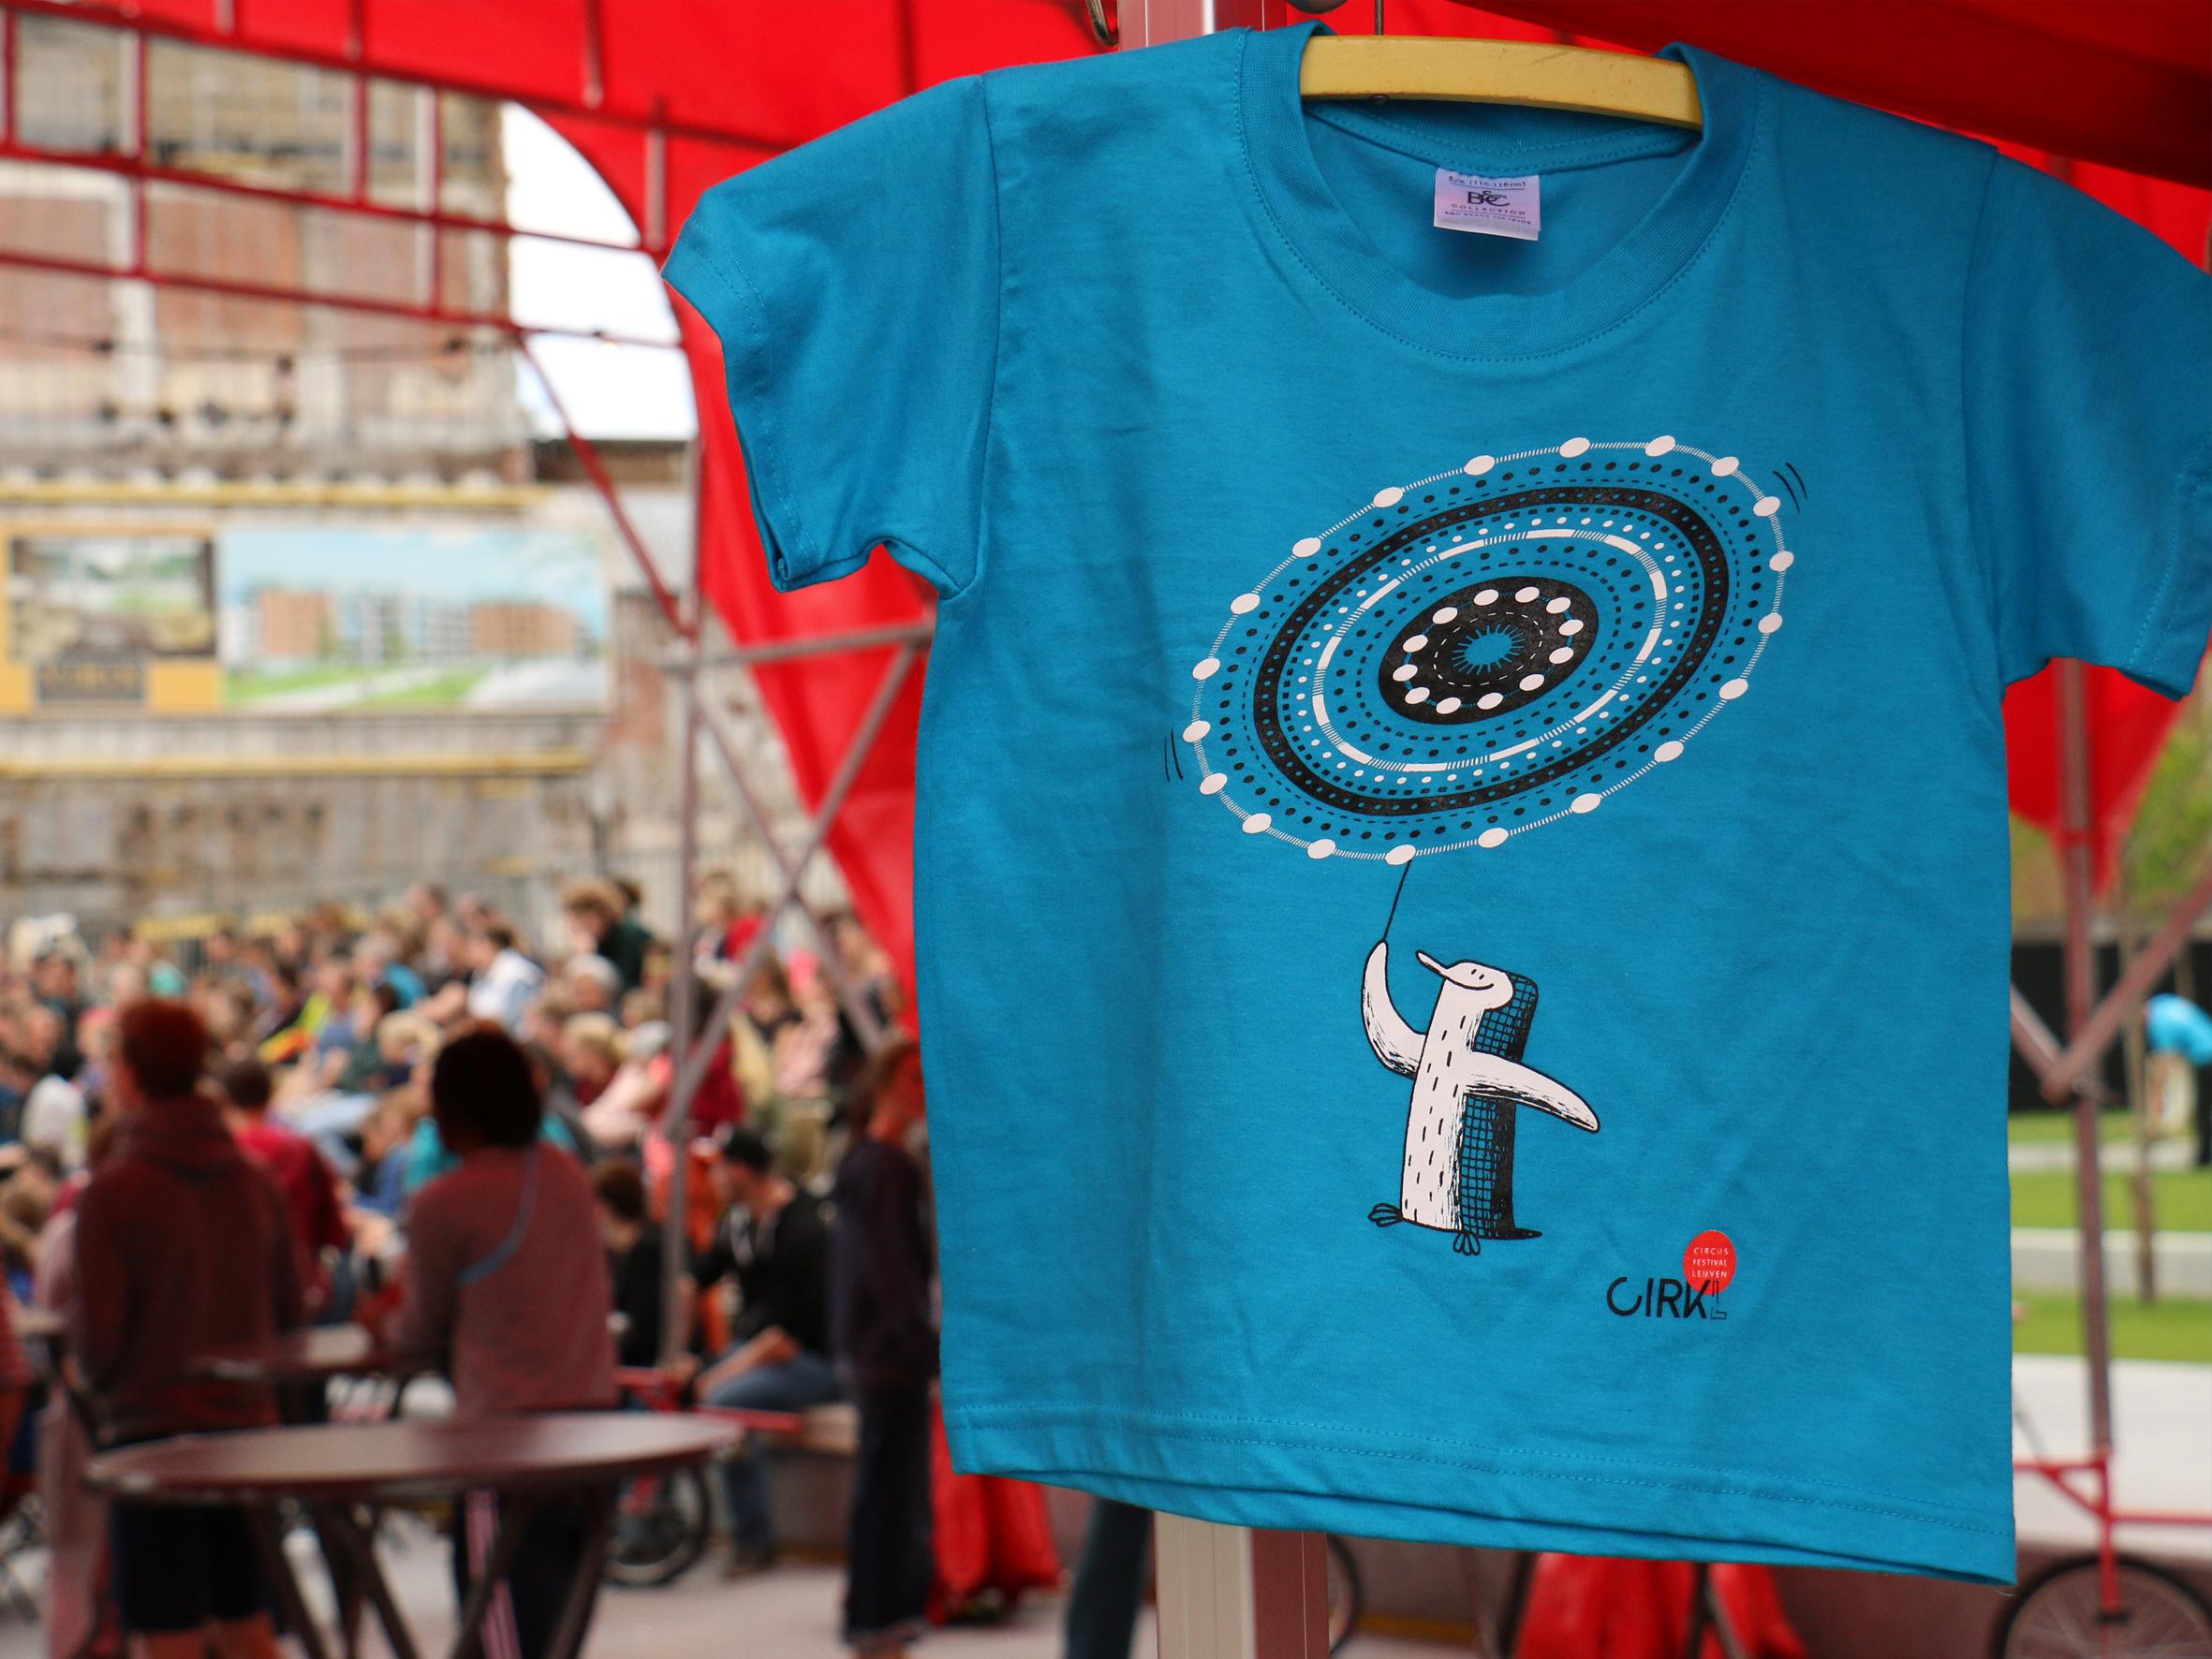 T-shirt voor Cirkl festival